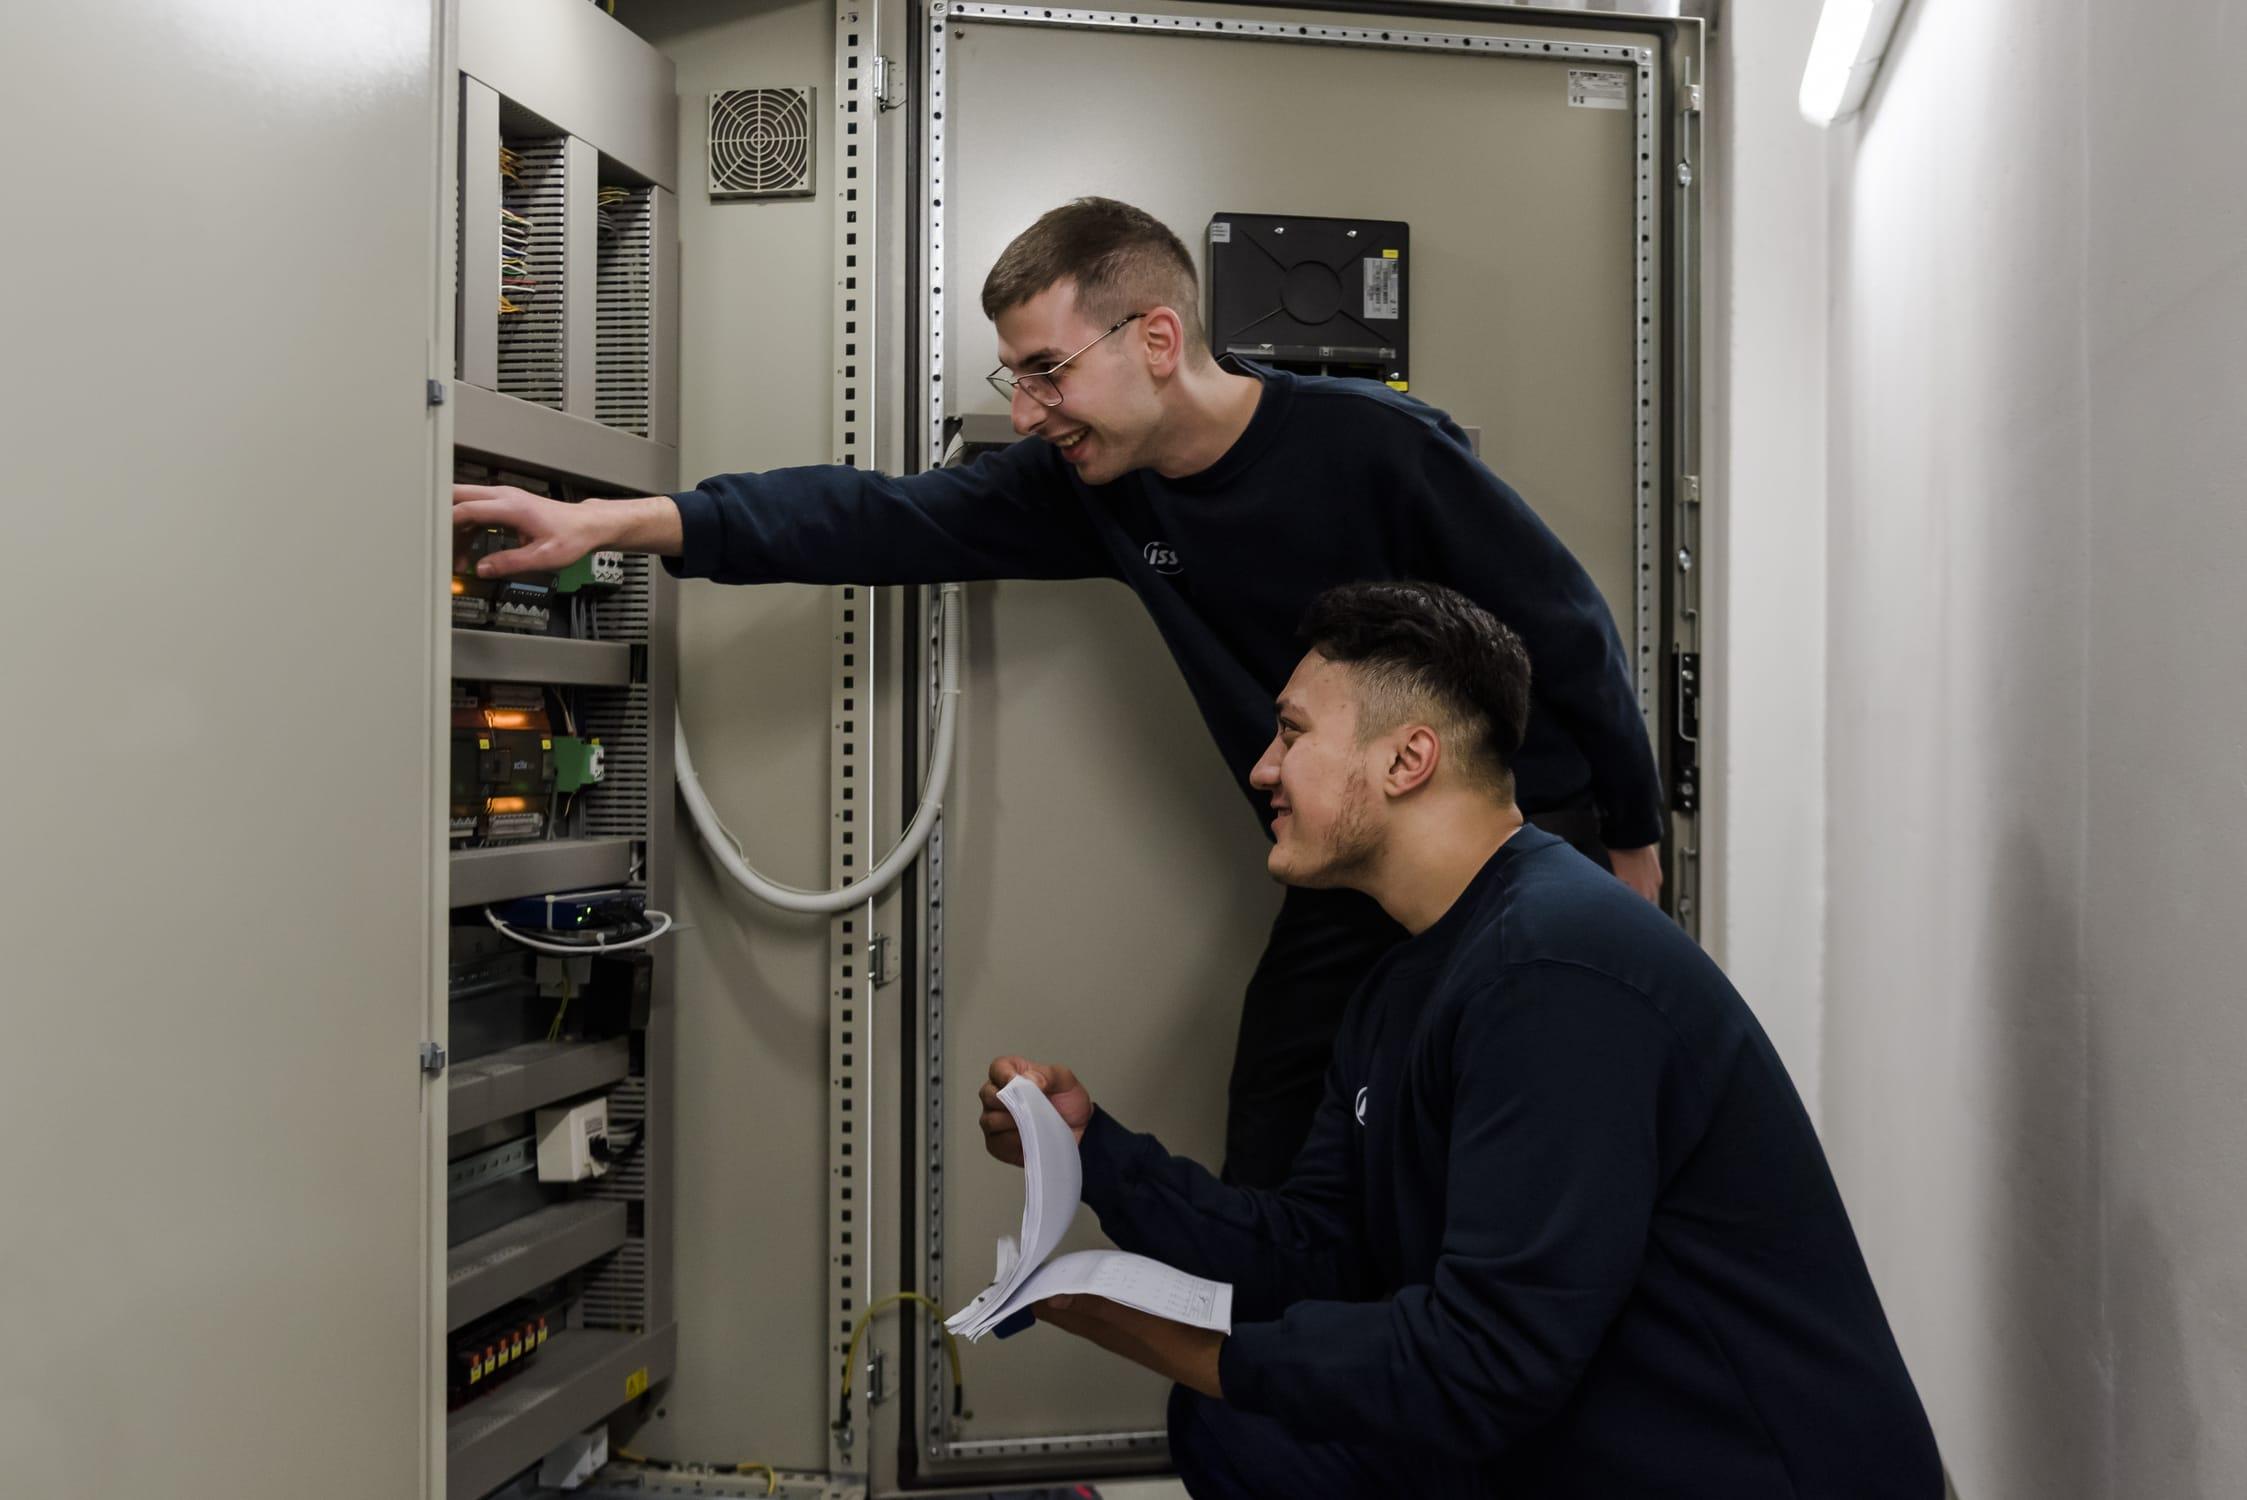 Dieses Bild zeigt zwei Lehrlinge der Elektro- und Gebäudetechnik.